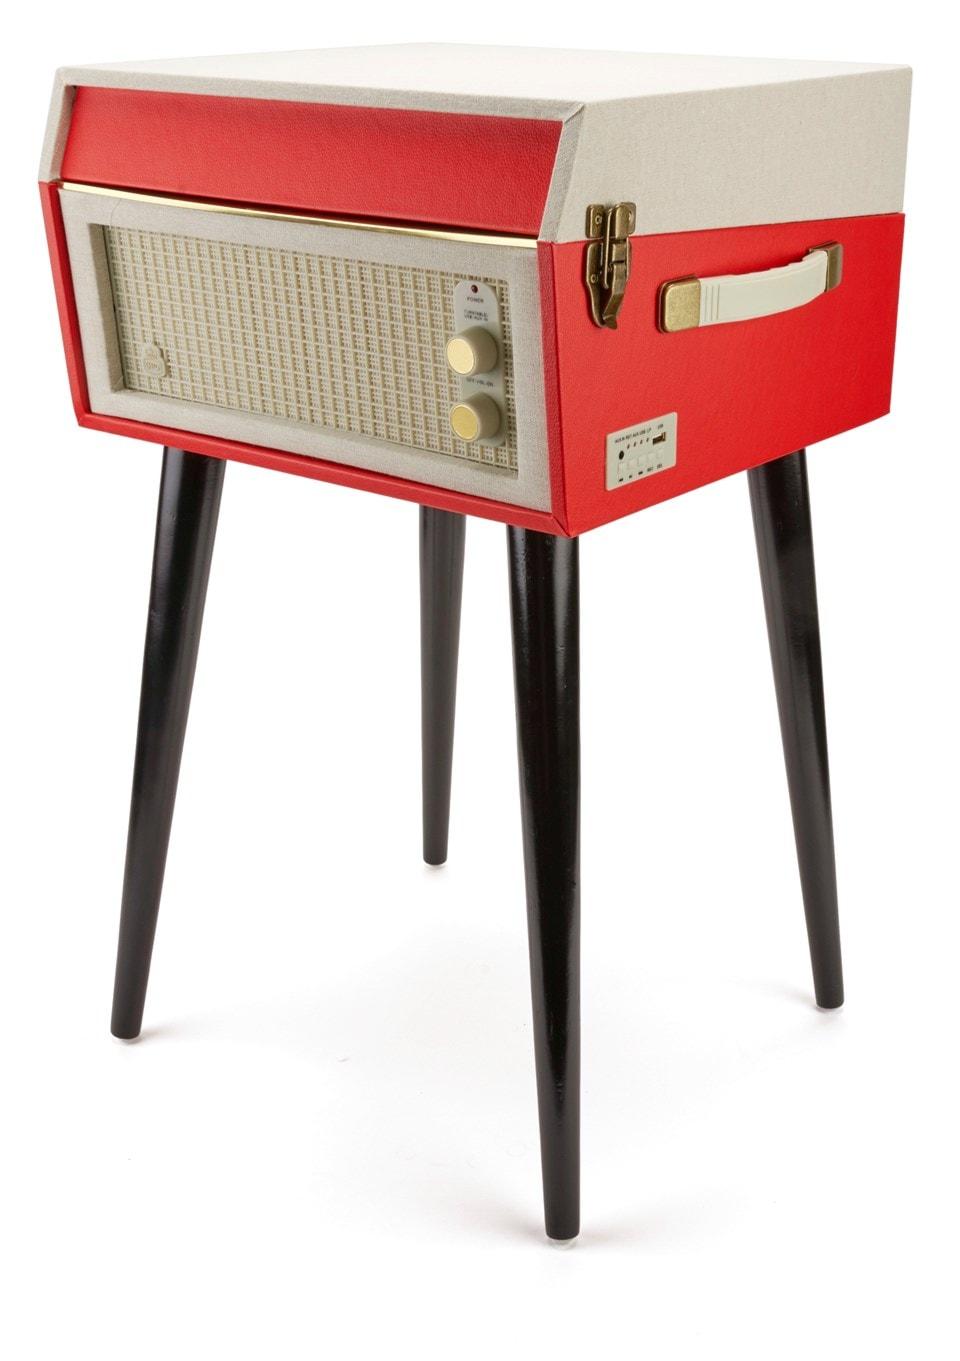 GPO Bermuda Red Turntable - MP3 USB & Built-In Speaker - 4